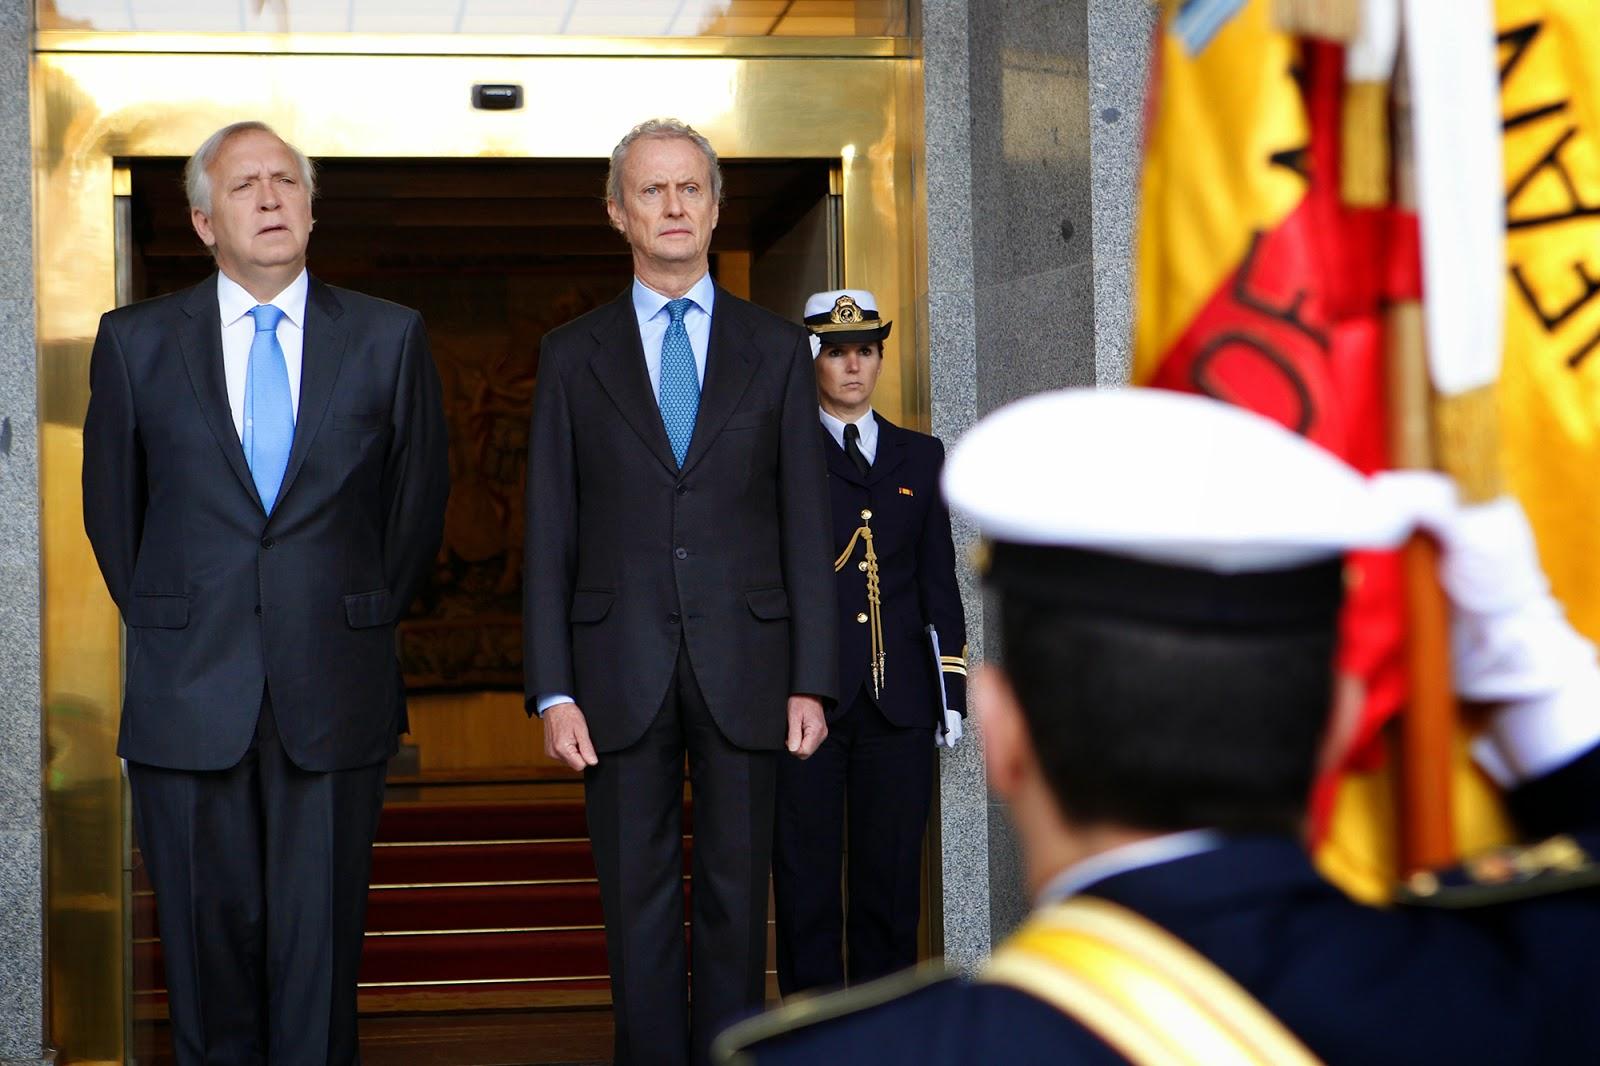 http://www.defensa.cl/destacados/ministro-de-defensa-se-reune-con-su-par-de-espana-en-madrid/